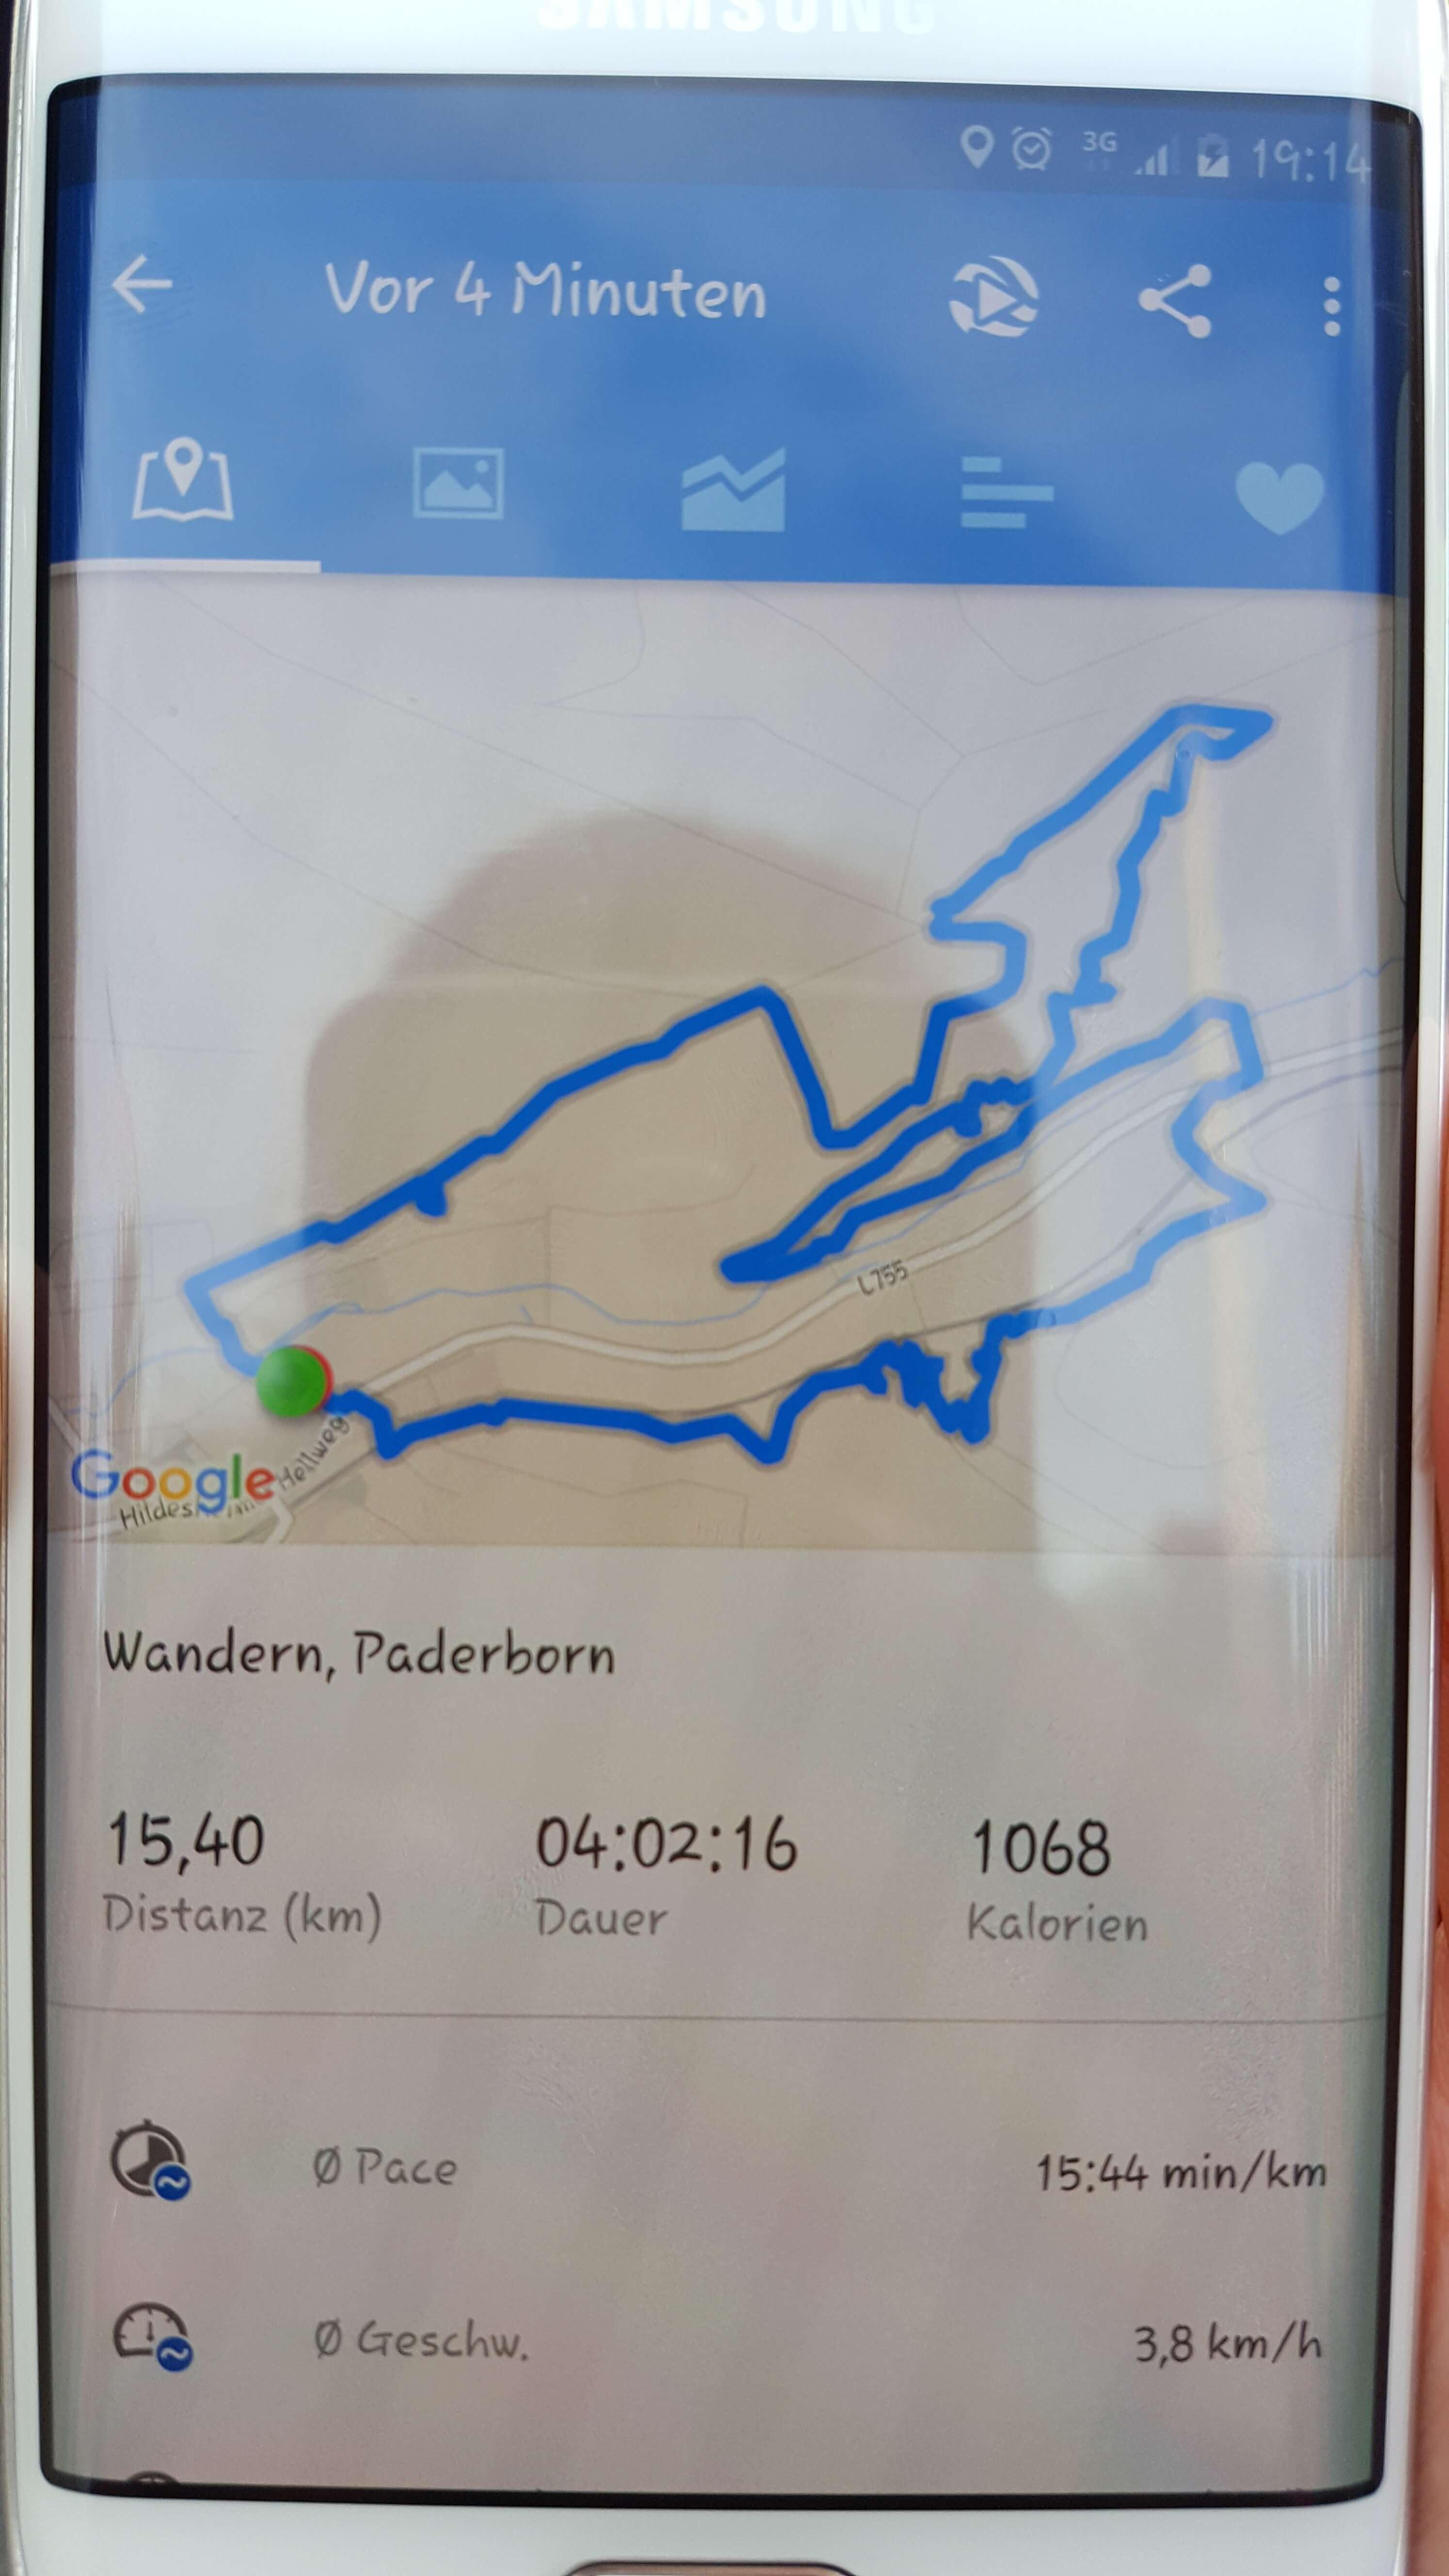 Route, Dauer, Länge